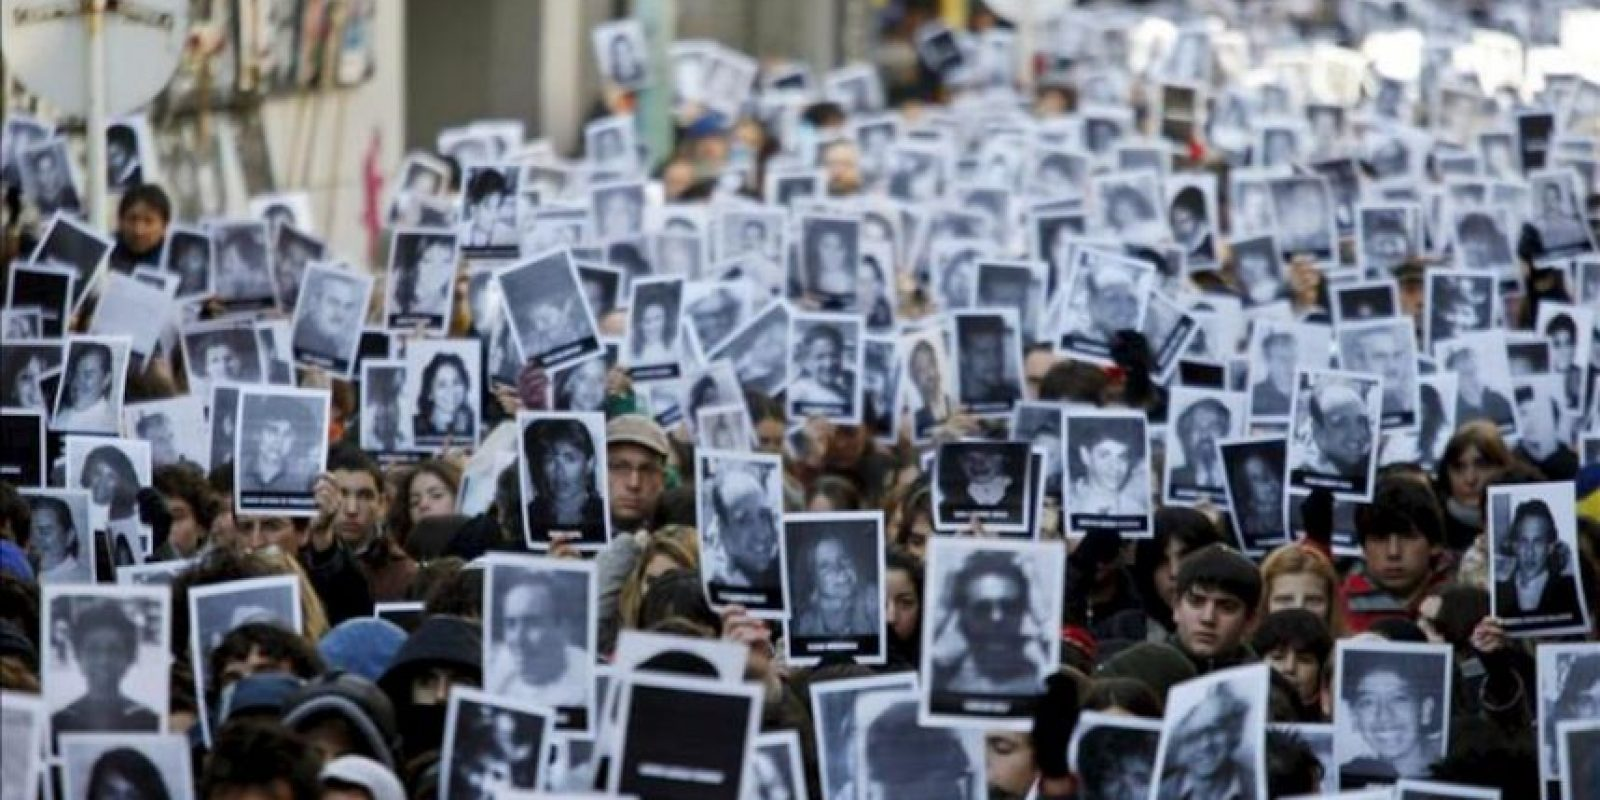 Cientos de personas llevando fotografías de las víctimas asisten el 16 de julio de 2010, al acto por el 16 aniversario del atentado a la mutual judía AMIA que causó la muerte de 85 personas en Buenos Aires (Argentina). EFE/Archivo